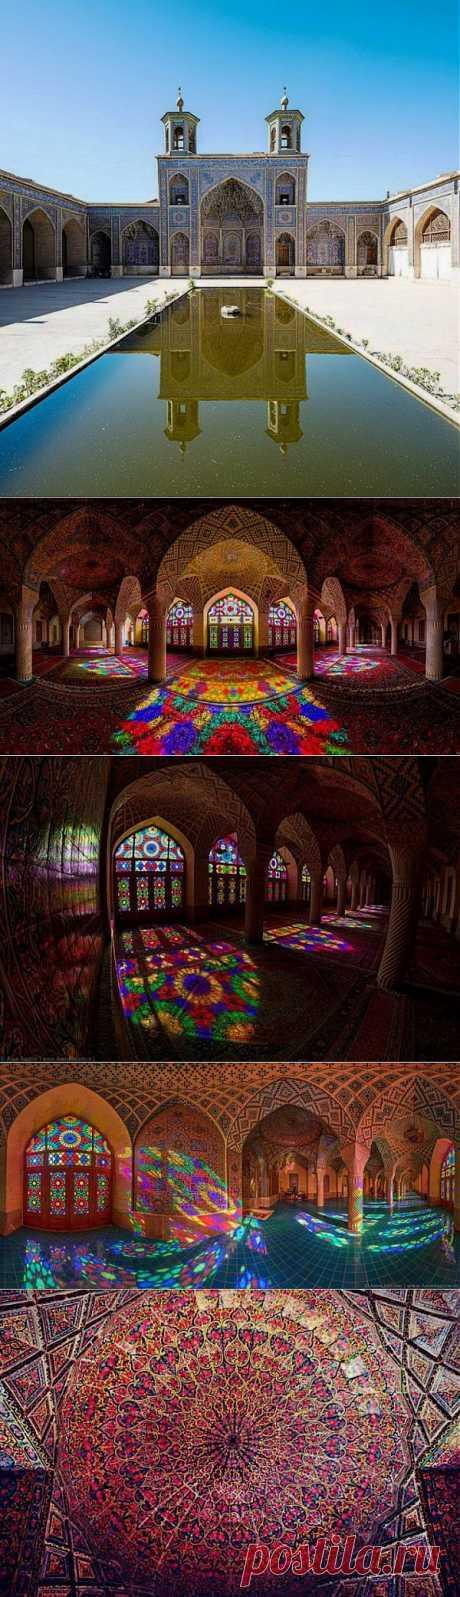 Розовой мечеть Насир аль-Мульк находится в г.Шираз,Иран.Розовая мечеть отличается от всех остальных архитектурных чудес в мире.